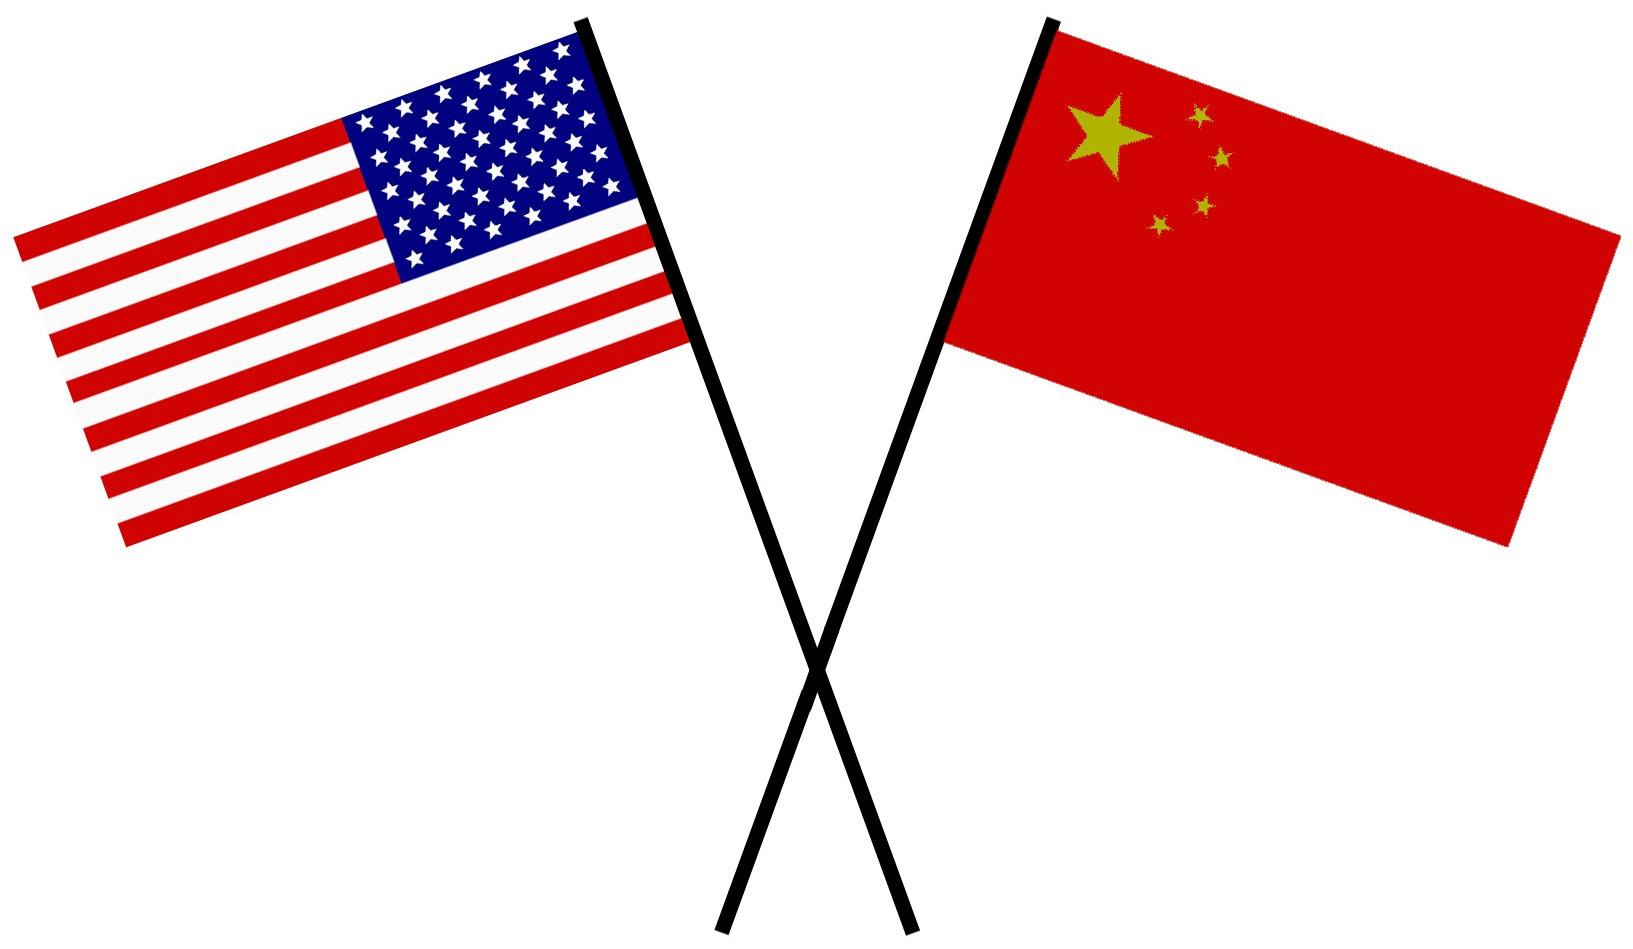 Xu thế quan hệ Mỹ - Trung trong thời đại mới. (Hồ sơ sự kiện quốc tế ngày 23/6/2015)